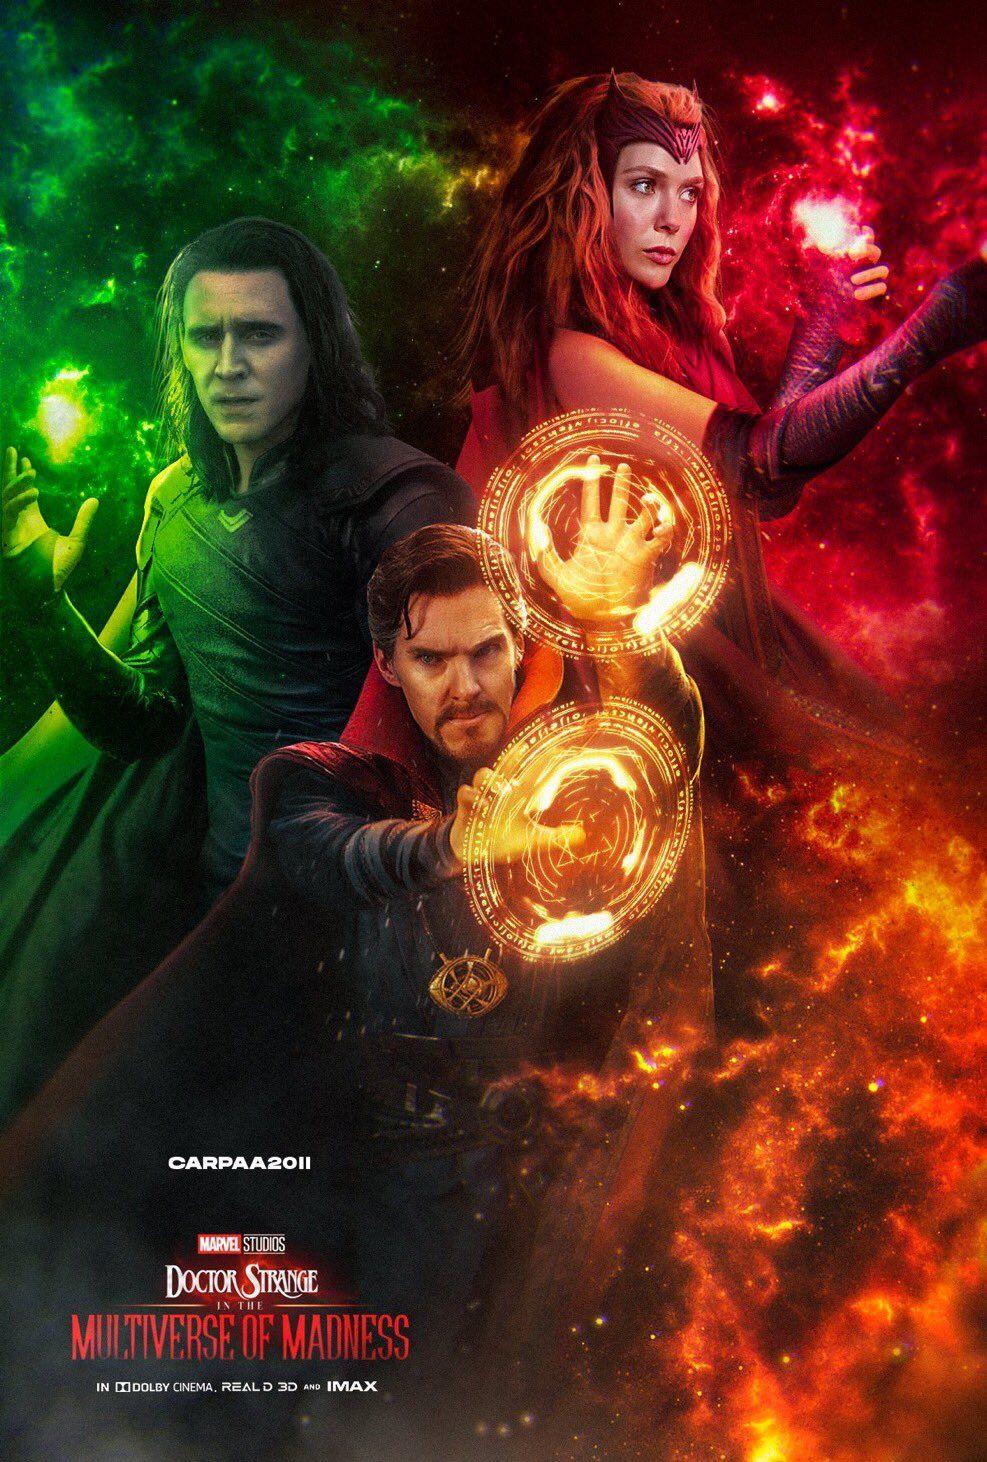 Fern | Marvel Studios | on Twitter